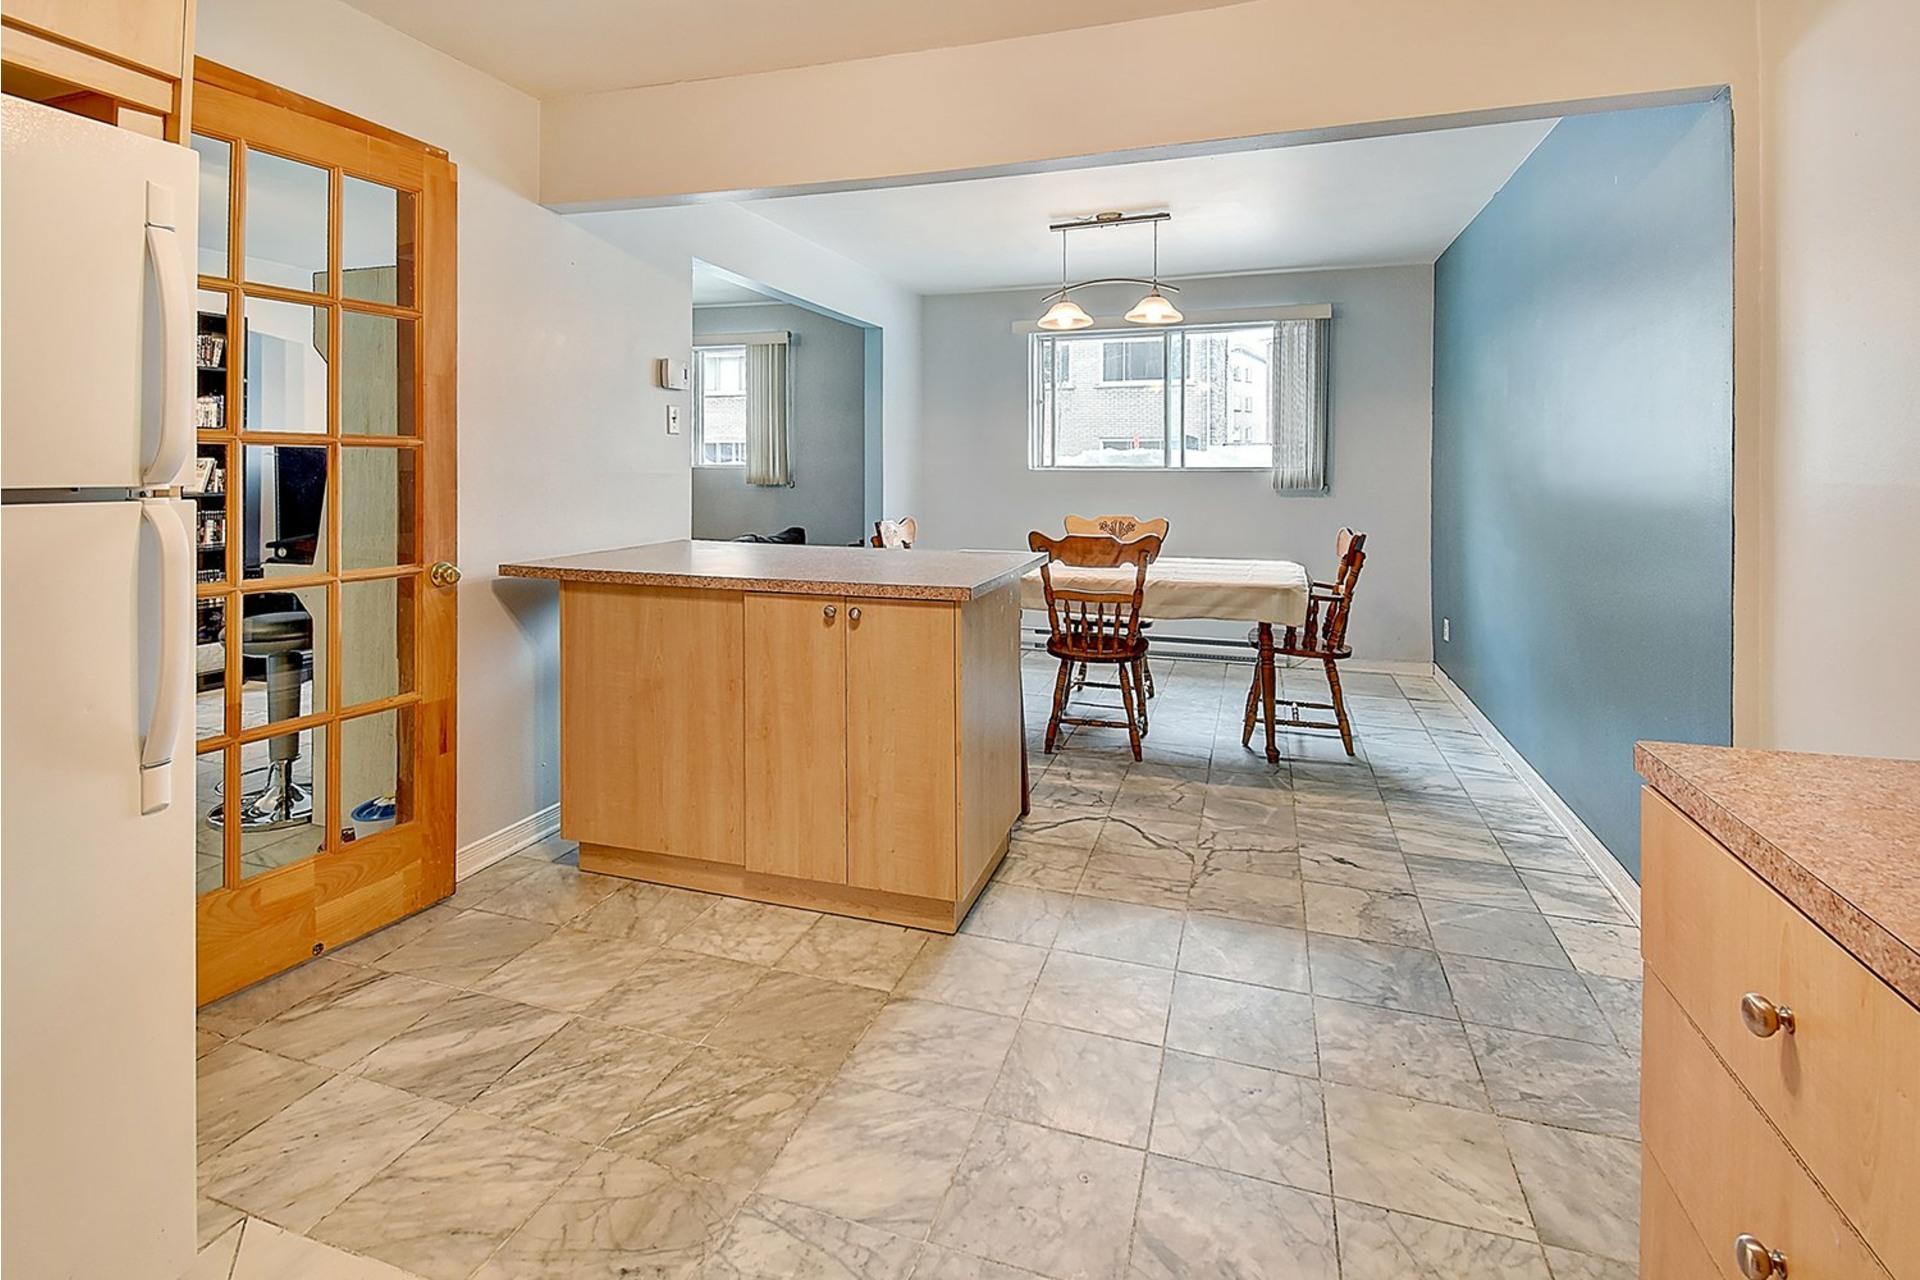 image 12 - Appartement À vendre Verdun/Île-des-Soeurs Montréal  - 7 pièces